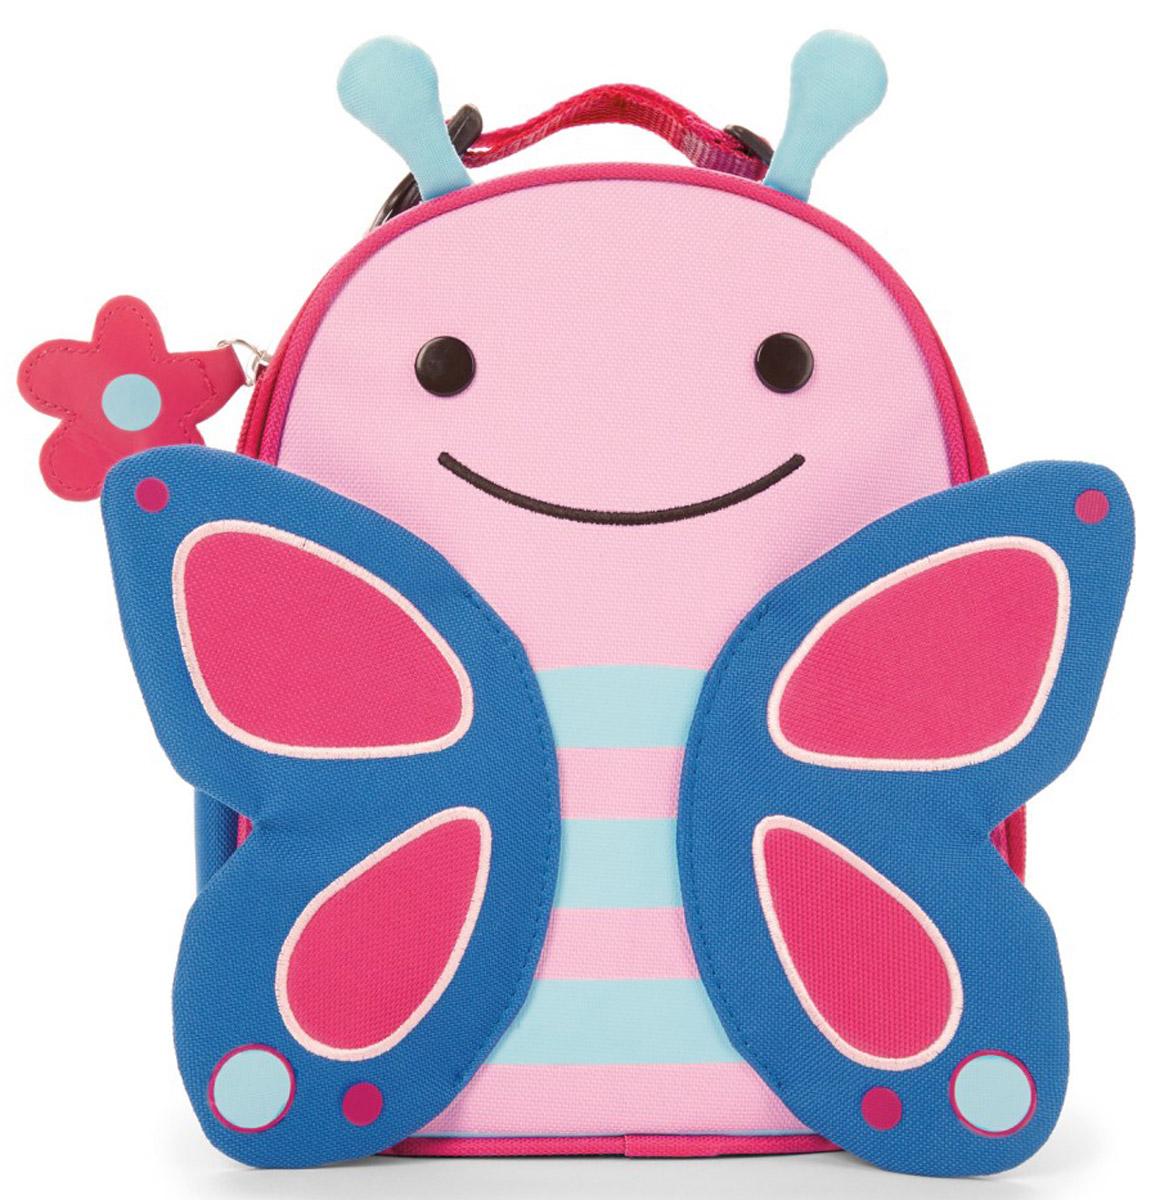 Skip Hop Сумка ланч-бокс детская БабочкаVT-1520(SR)Превосходный ланч-бокс Skip Hop Бабочка отлично сохранит свежесть и вкус продуктов для вашего ребёнка. Сумка с одним отделением изготовлена из прочного текстиля. Лицевая сторона декорирована изображением улыбающейся бабочки с крылышками и торчащими усиками. Внутренняя поверхность отделана термоизоляционным материалом, благодаря которому продукты дольше остаются свежими. Изделие закрывается на пластиковую застежку-молнию с удобным держателем на бегунке. Внутри имеется сетчатый карман для хранения аксессуаров и текстильная нашивка для записи имени владельца сумки. Ланч-бокс дополнен удобной текстильной ручкой с регулируемой длиной и пластиковым карабином. Такая сумка ланч-бокс пригодится везде: на прогулке, во время учебы, на отдыхе, во время путешествий.